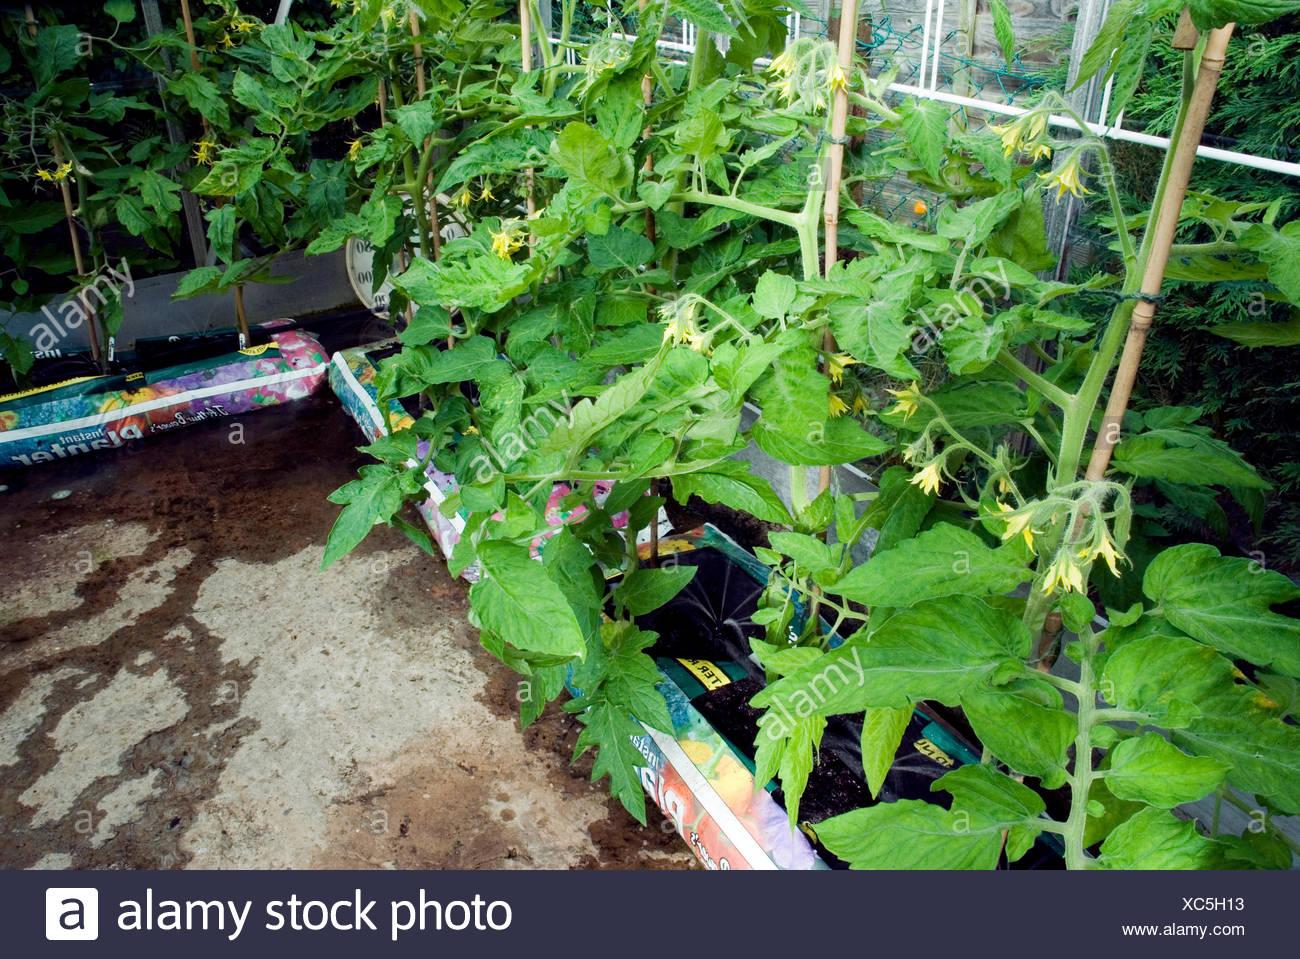 Tomaten Pflanzen Automatische Bewasserung Im Gewachshaus Stockfoto